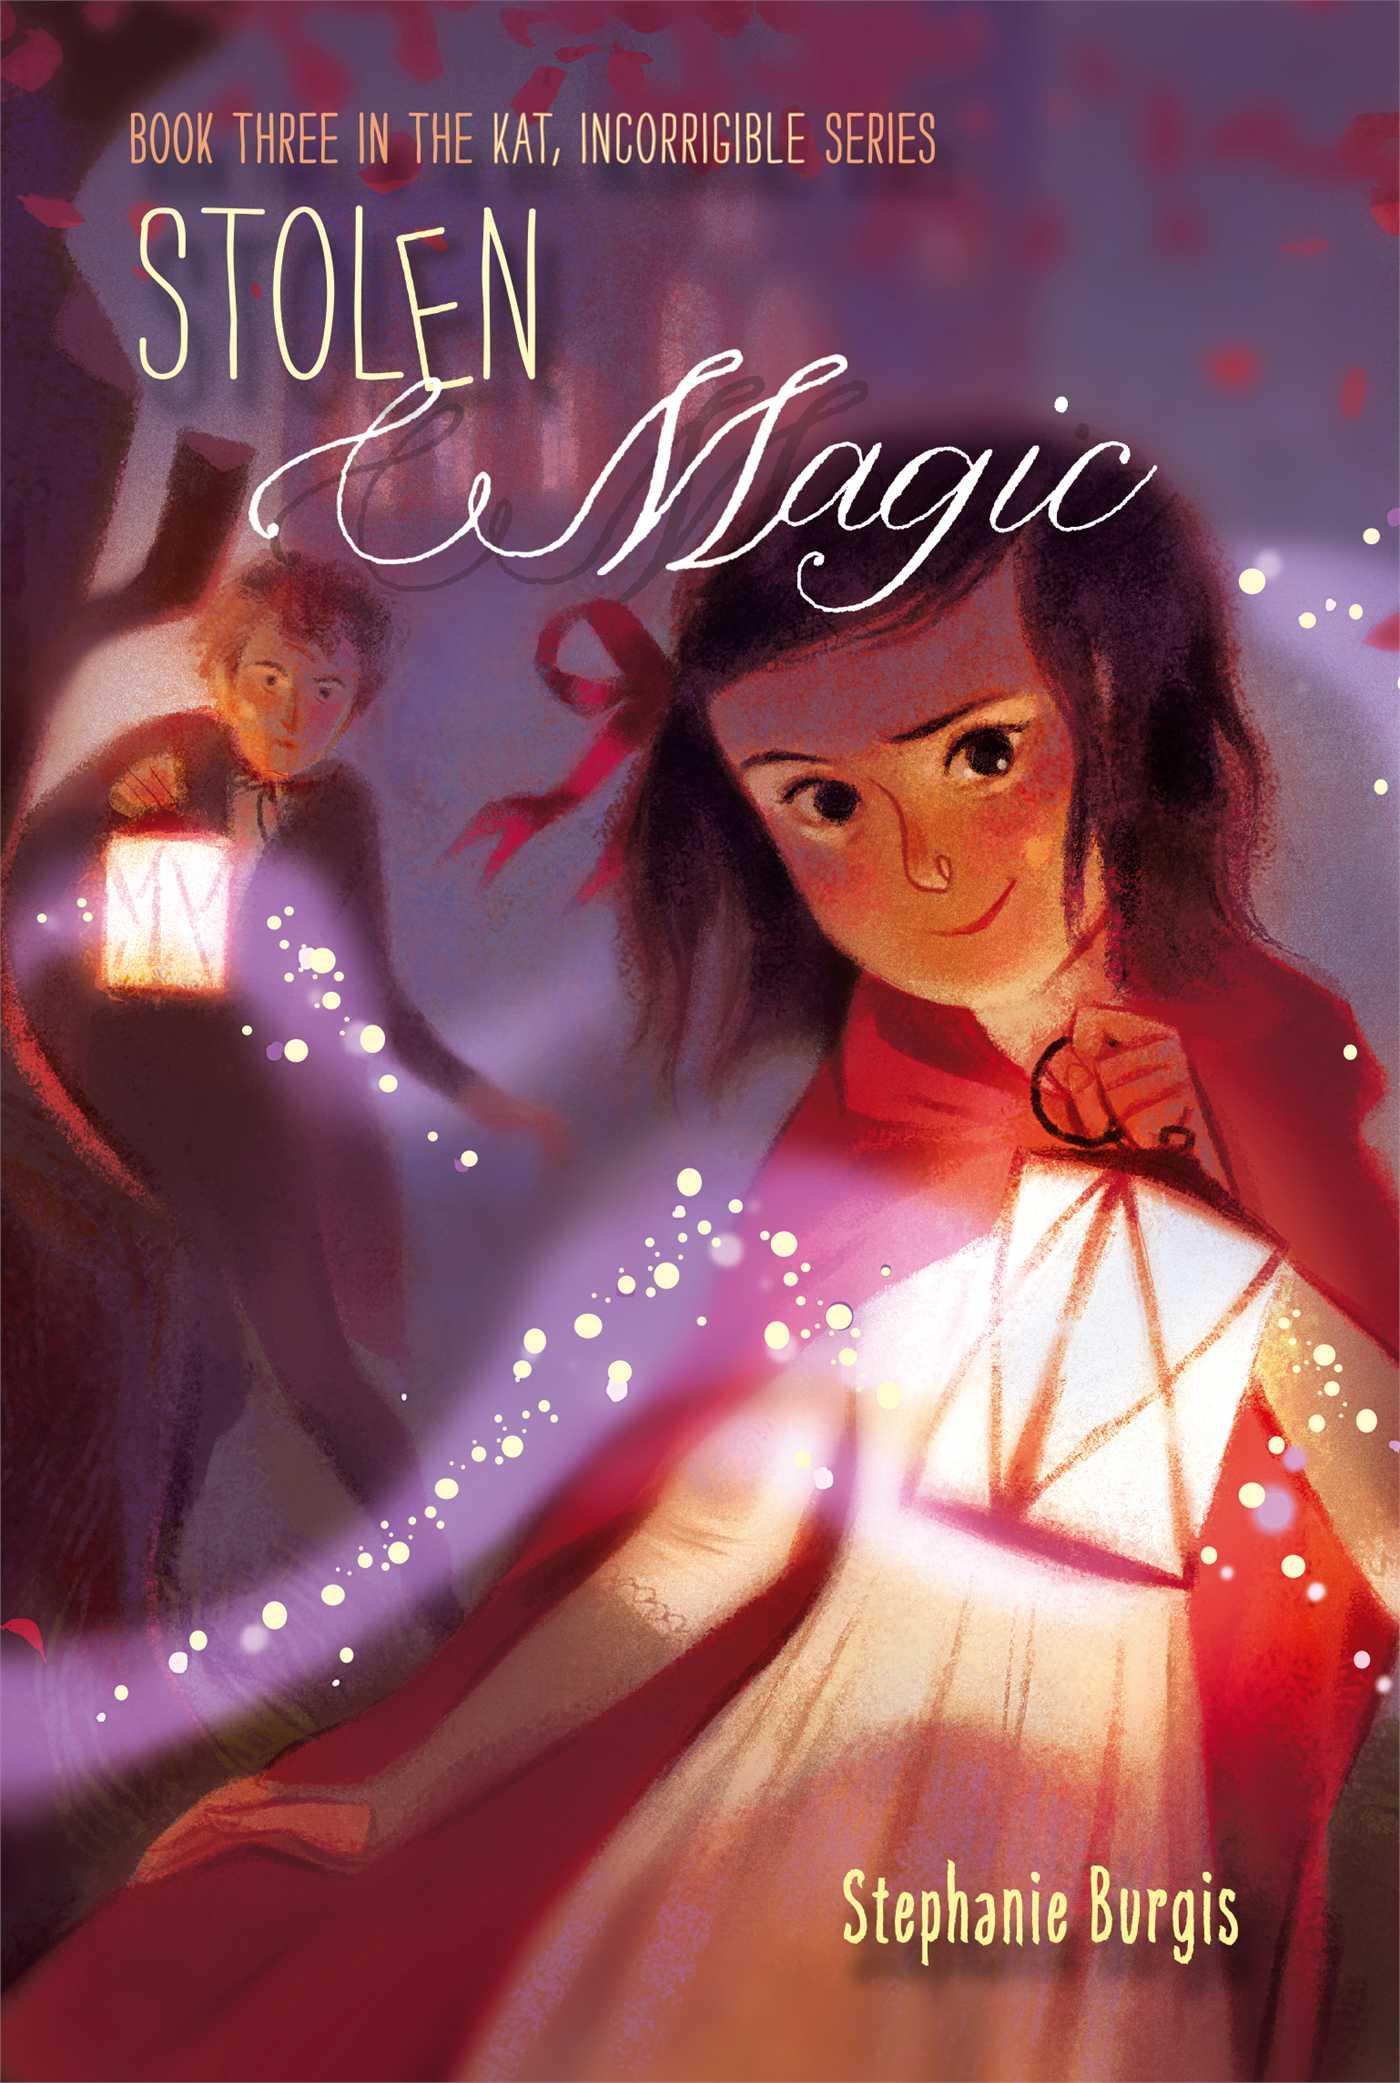 Stolen magic 9781416994527 hr